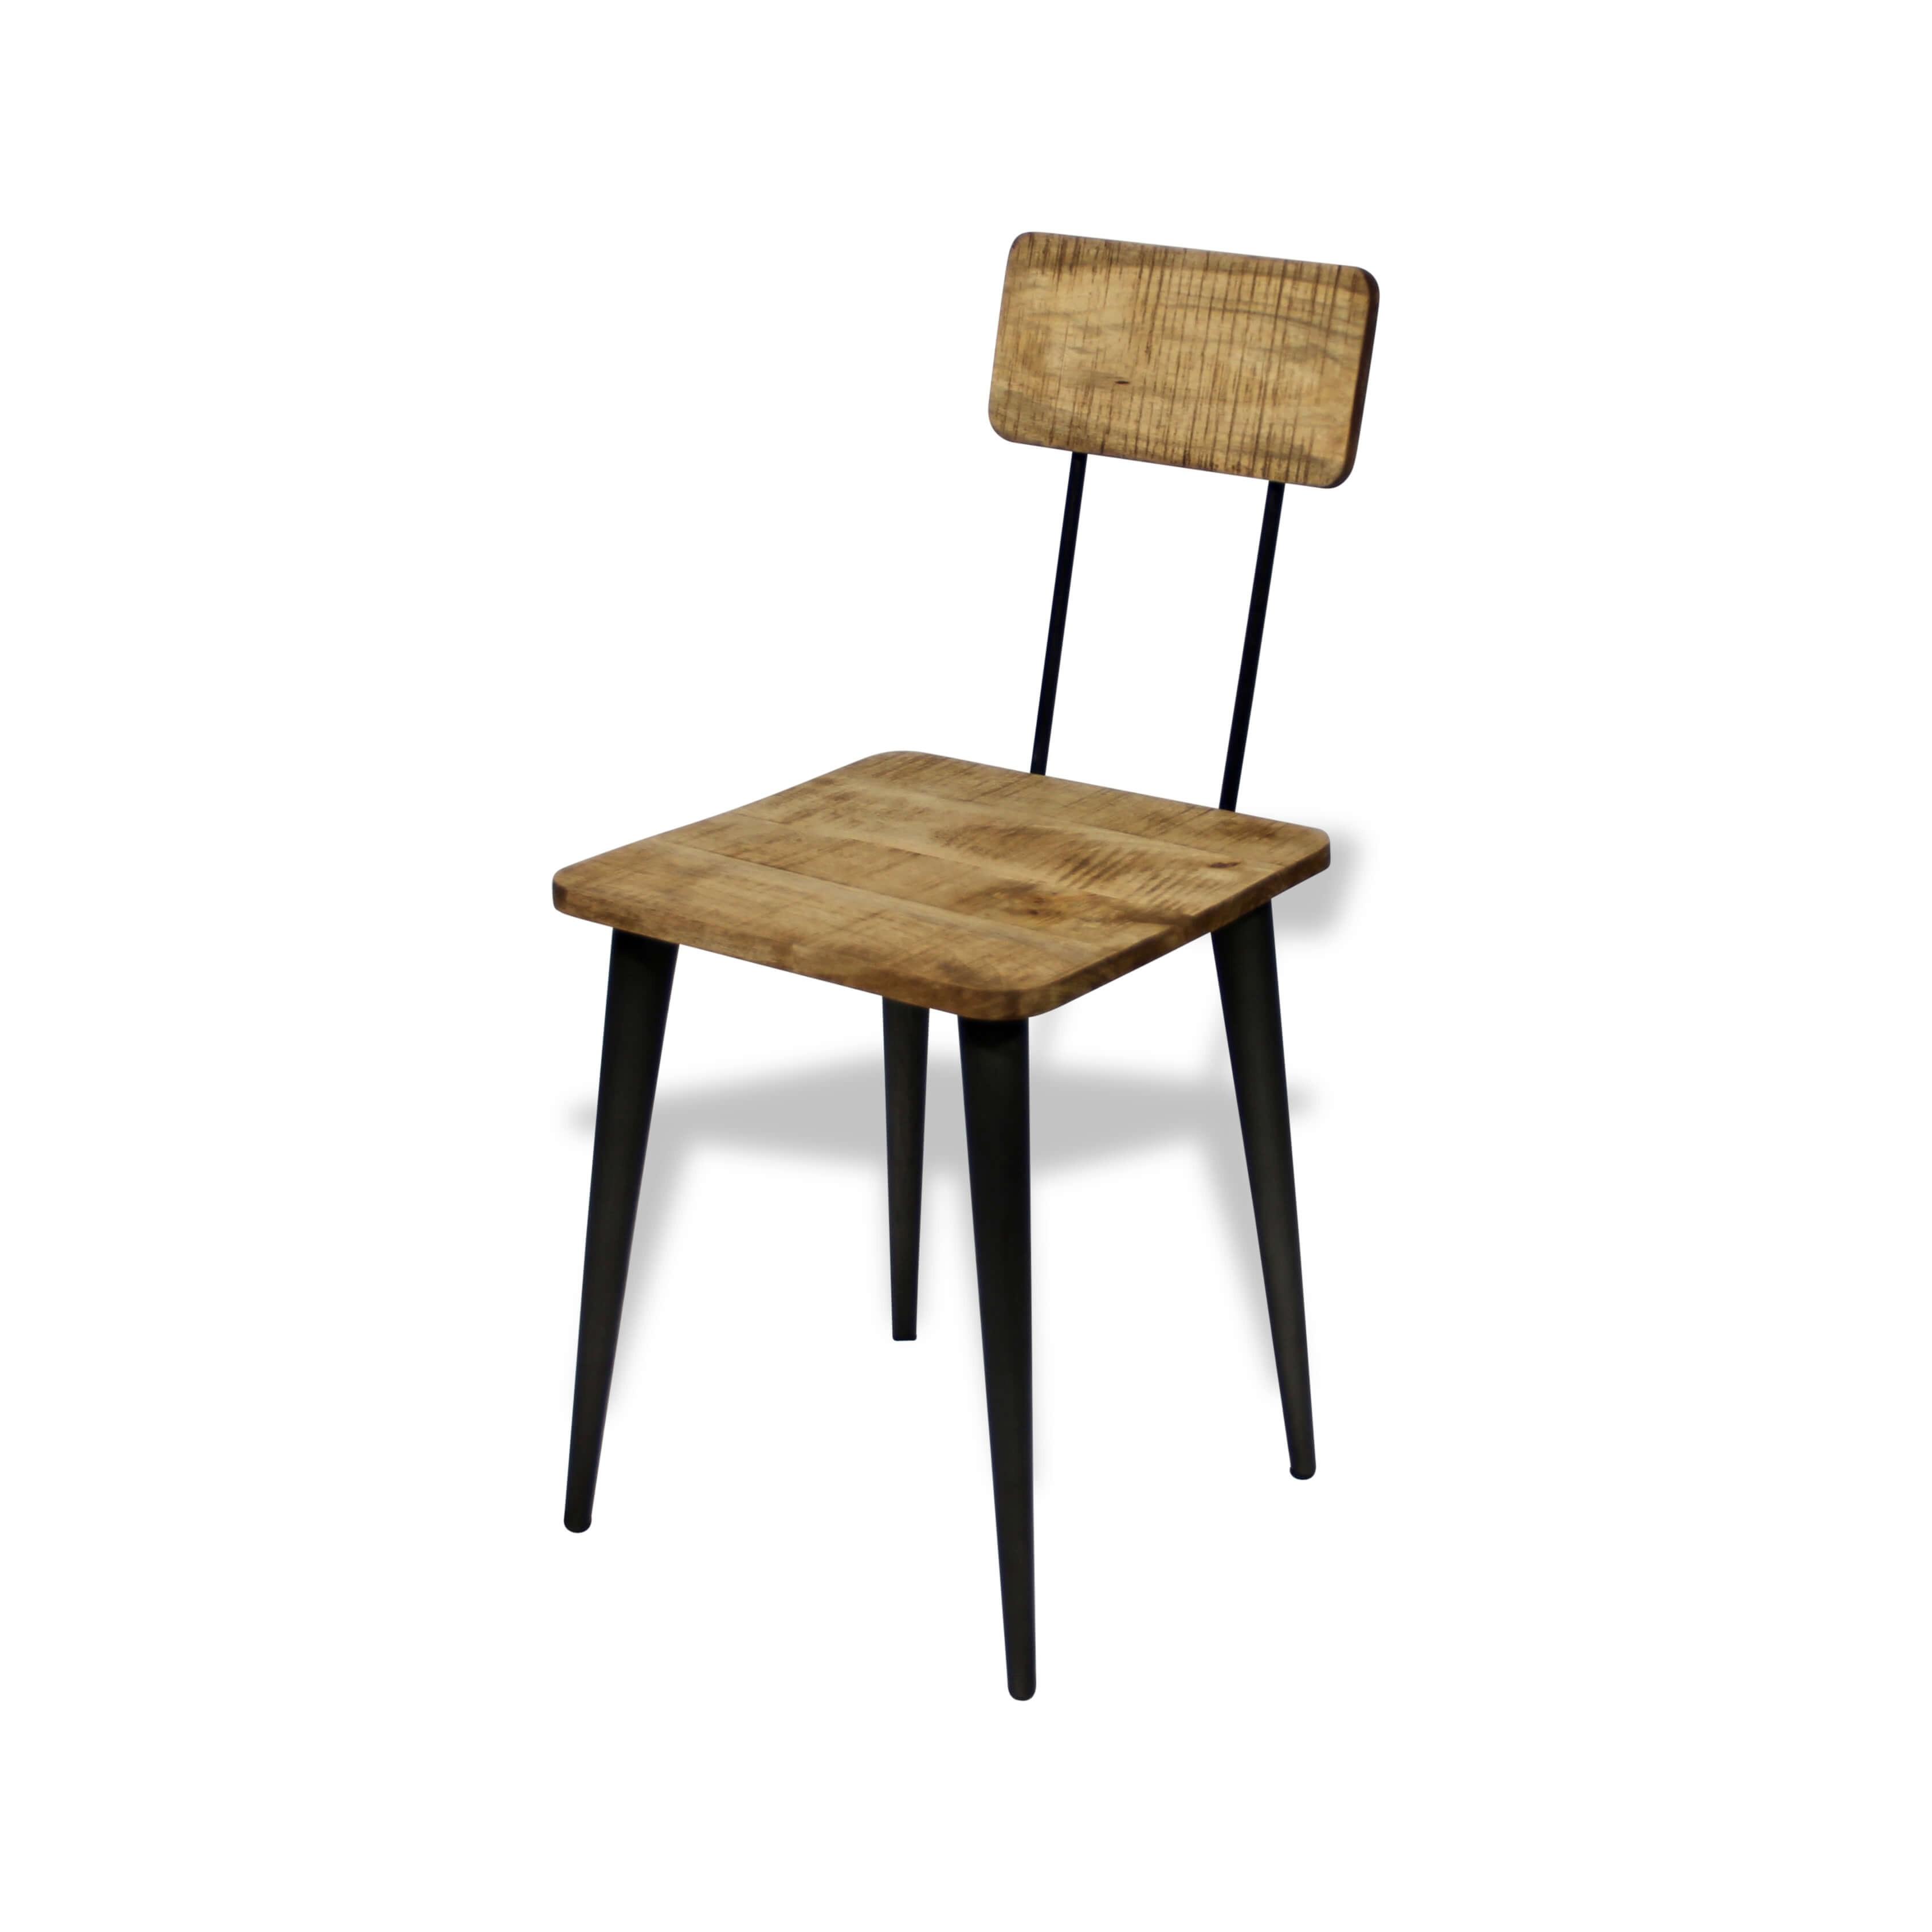 Chaise Bois Et Metal Industriel ensemble de 4 chaises cadre métal noir, assise et dossier